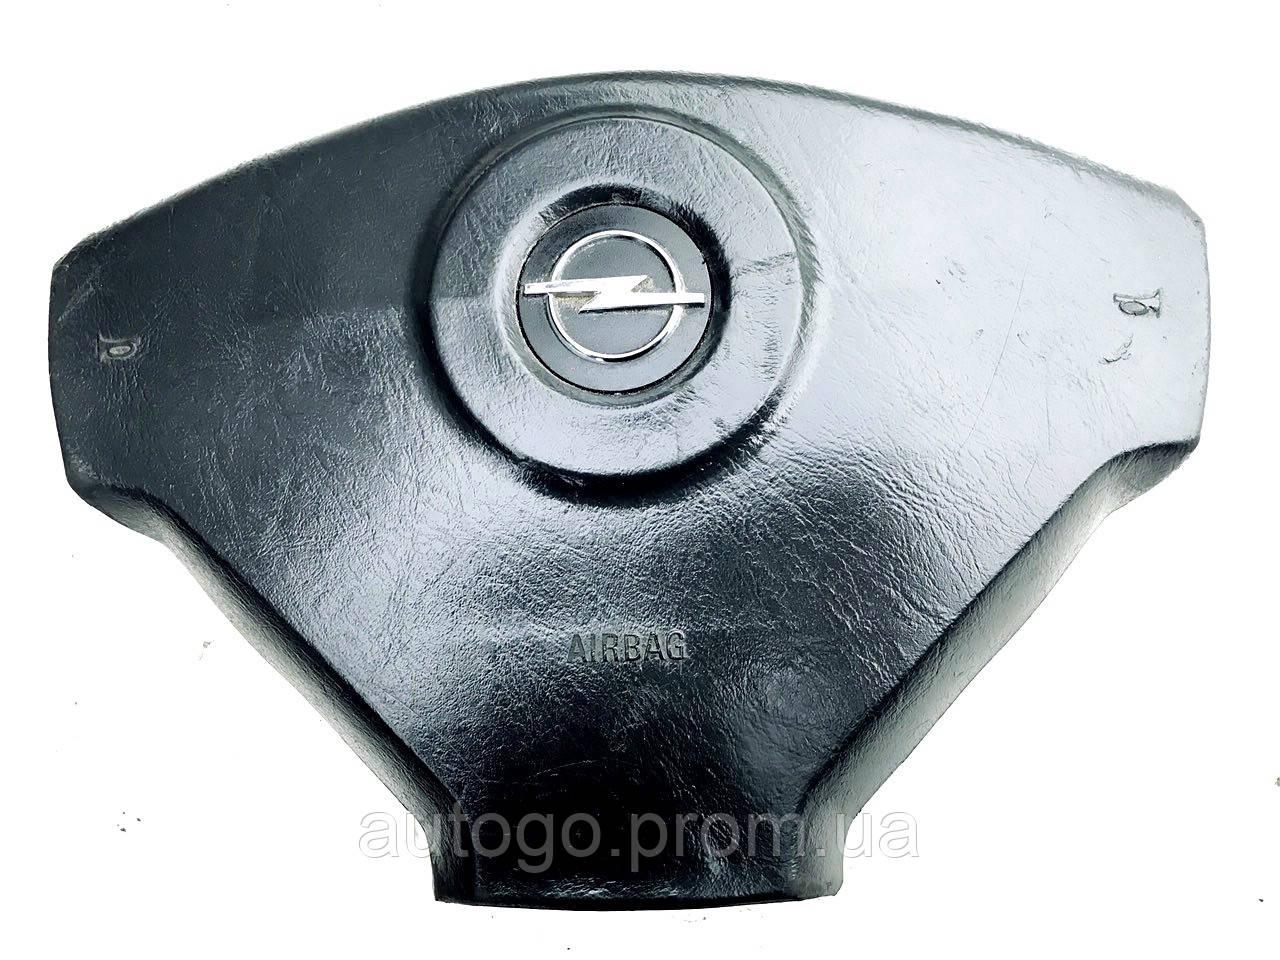 Подушка безопасности AirBag Opel Vivaro 8200136332 91167640, фото 1